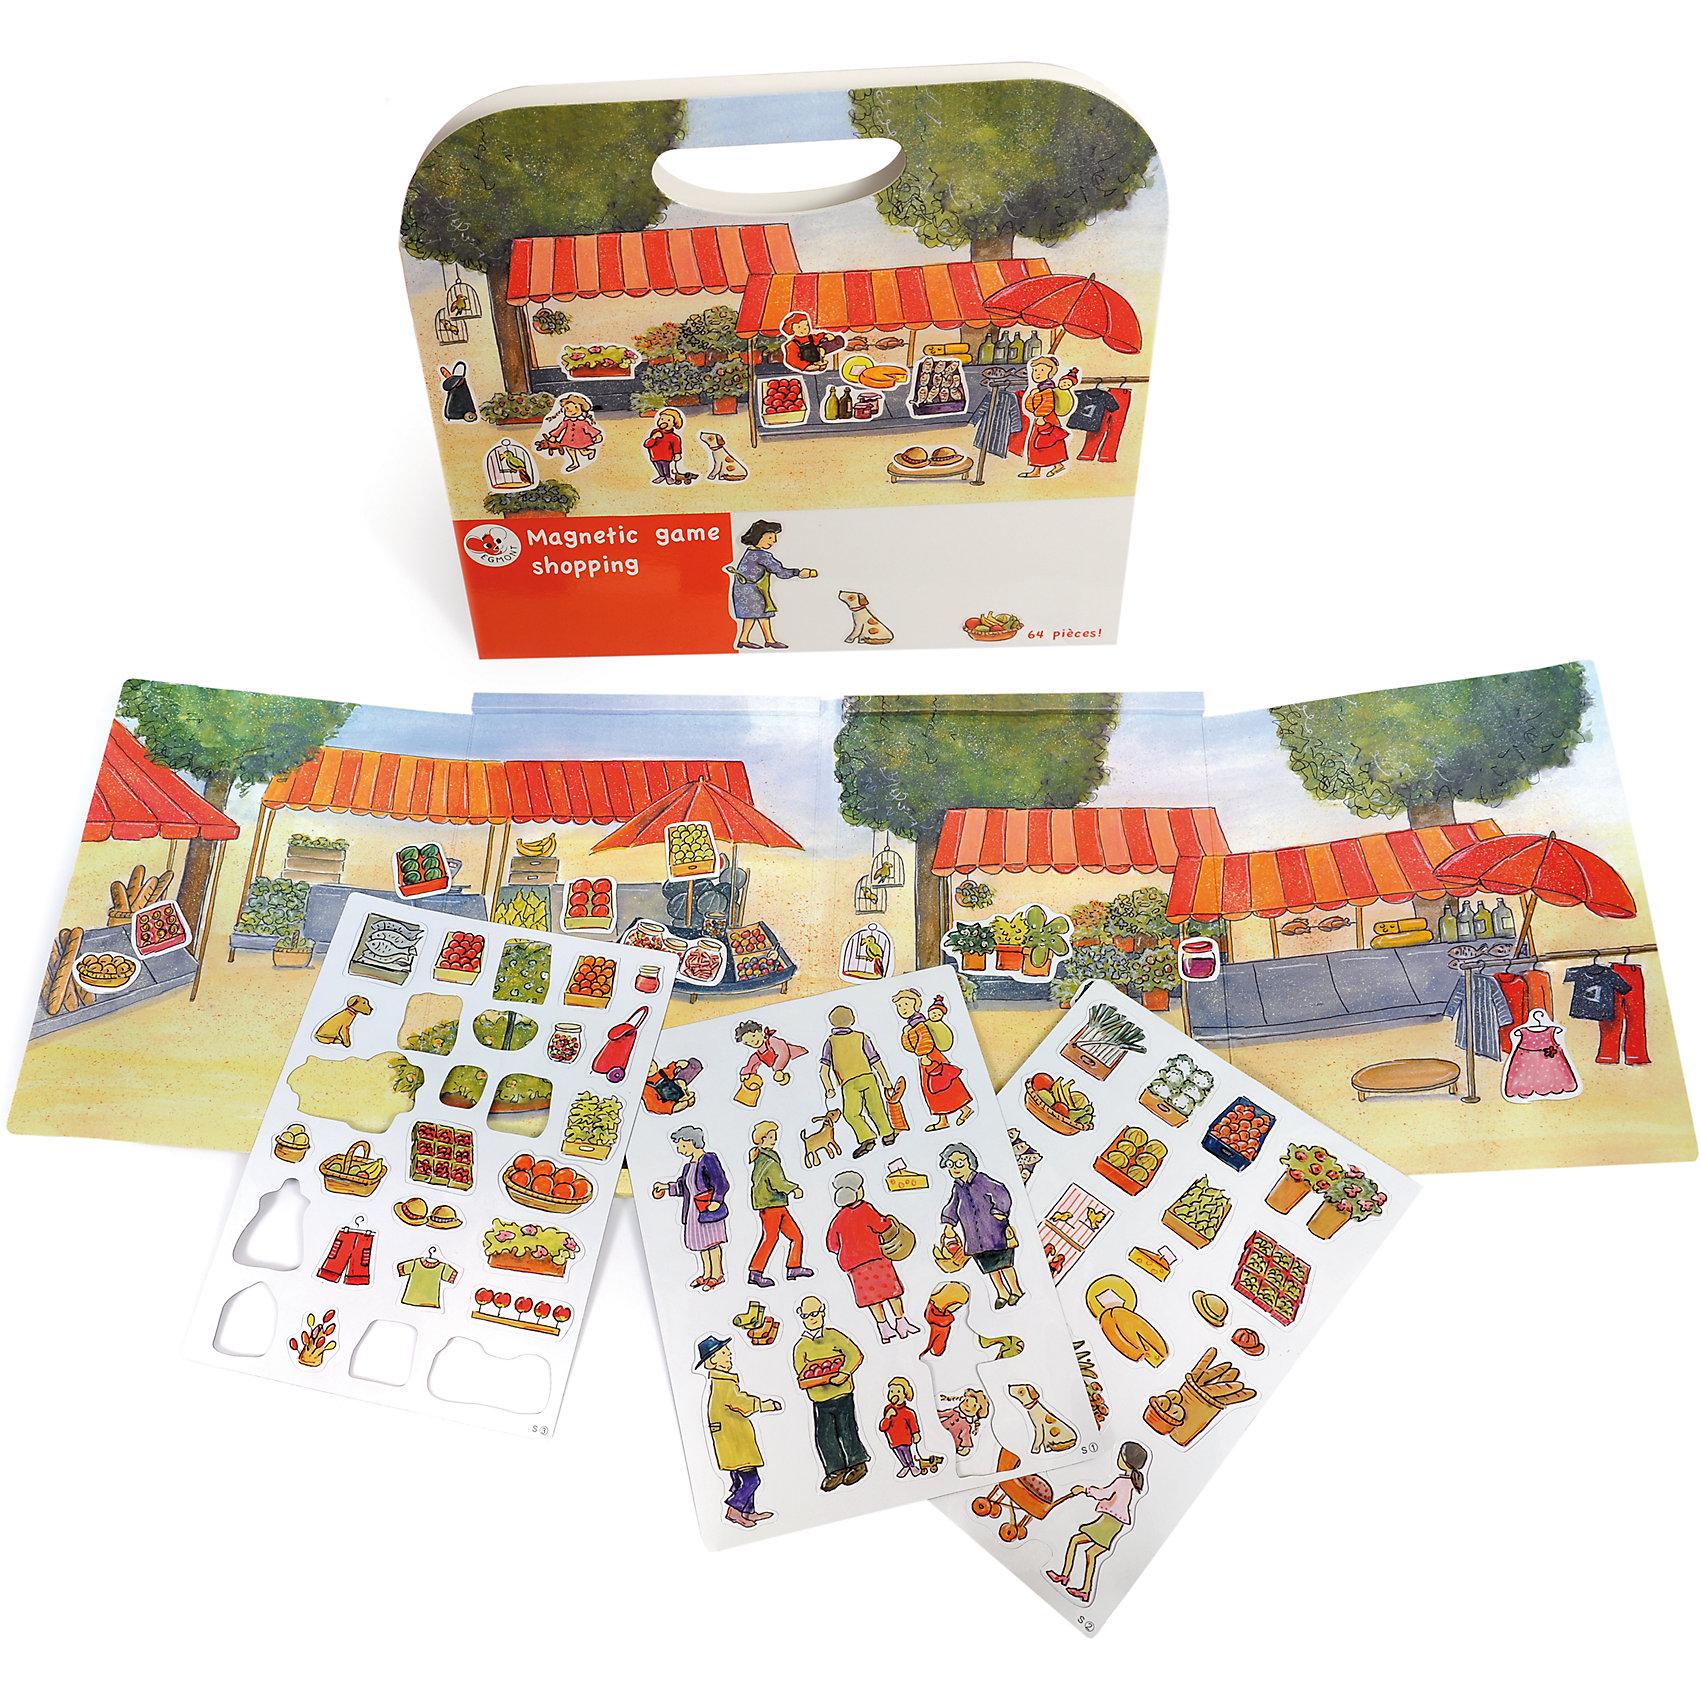 Магнитная игра За покупками, Egmont ToysИгры для развлечений<br><br><br>Ширина мм: 250<br>Глубина мм: 240<br>Высота мм: 10<br>Вес г: 440<br>Возраст от месяцев: 36<br>Возраст до месяцев: 2147483647<br>Пол: Унисекс<br>Возраст: Детский<br>SKU: 5544493